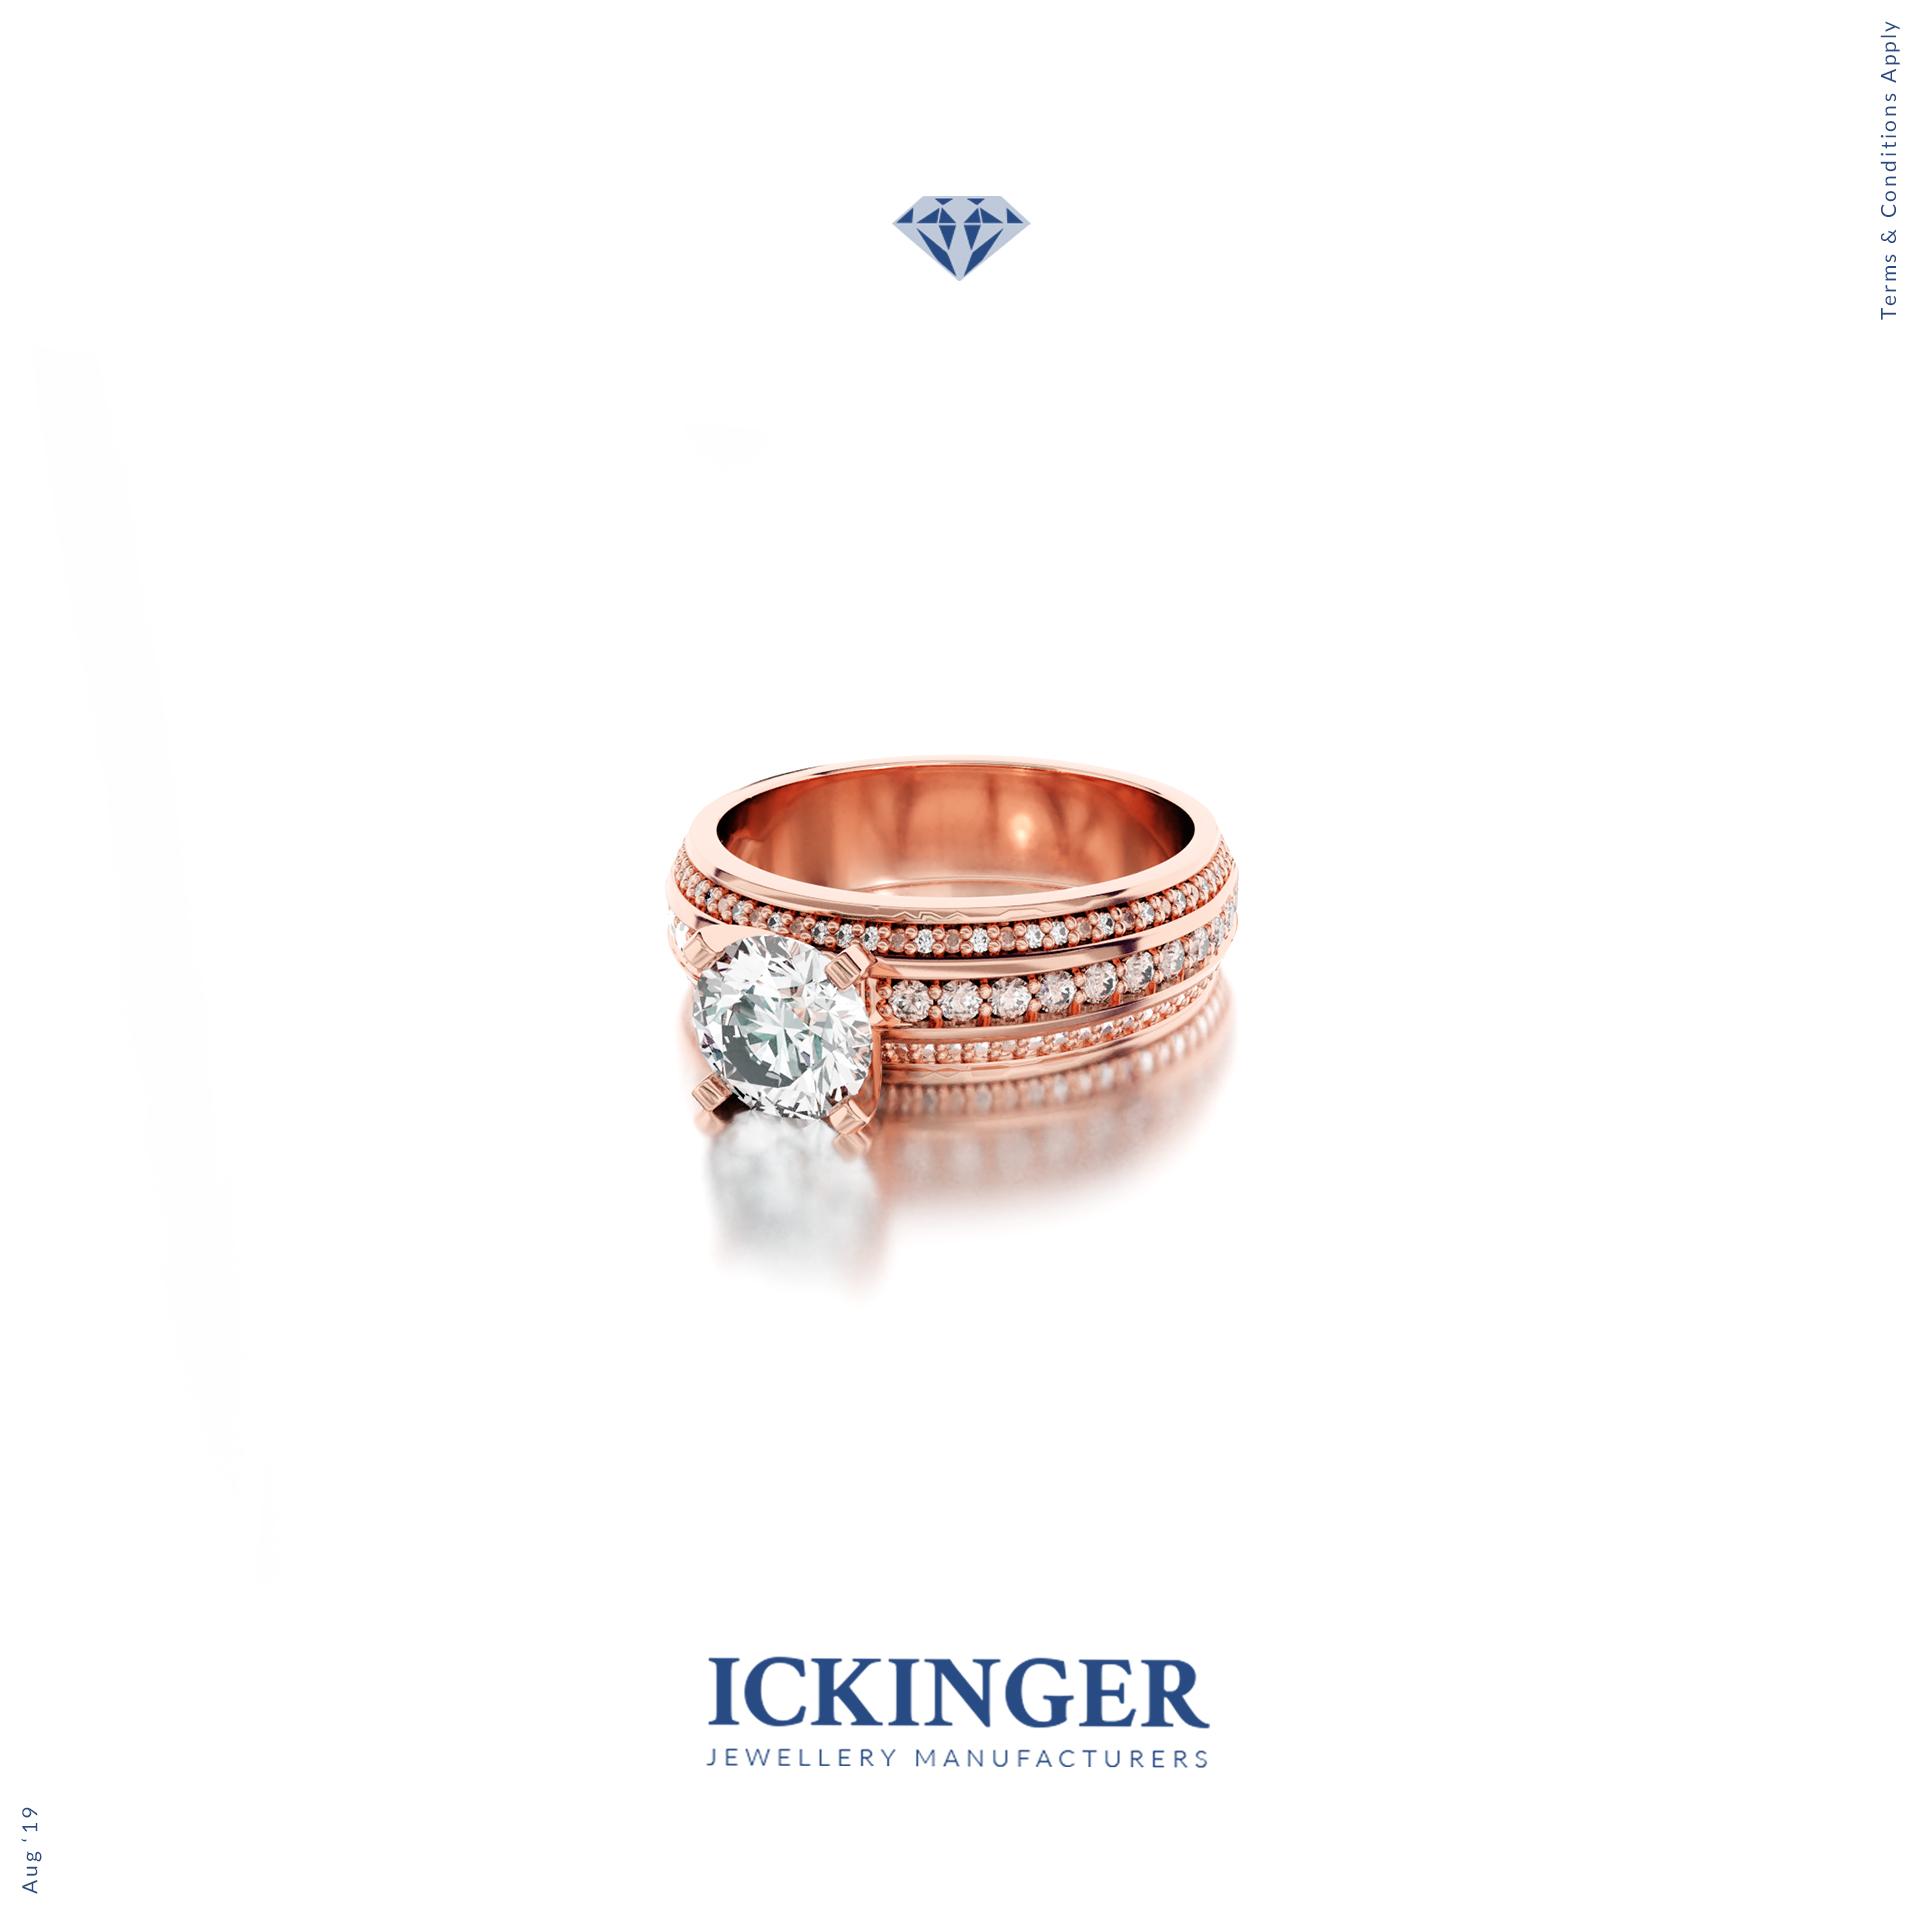 Rose Gold Moissanite Engagement Ring Ickinger Custom Jewellery